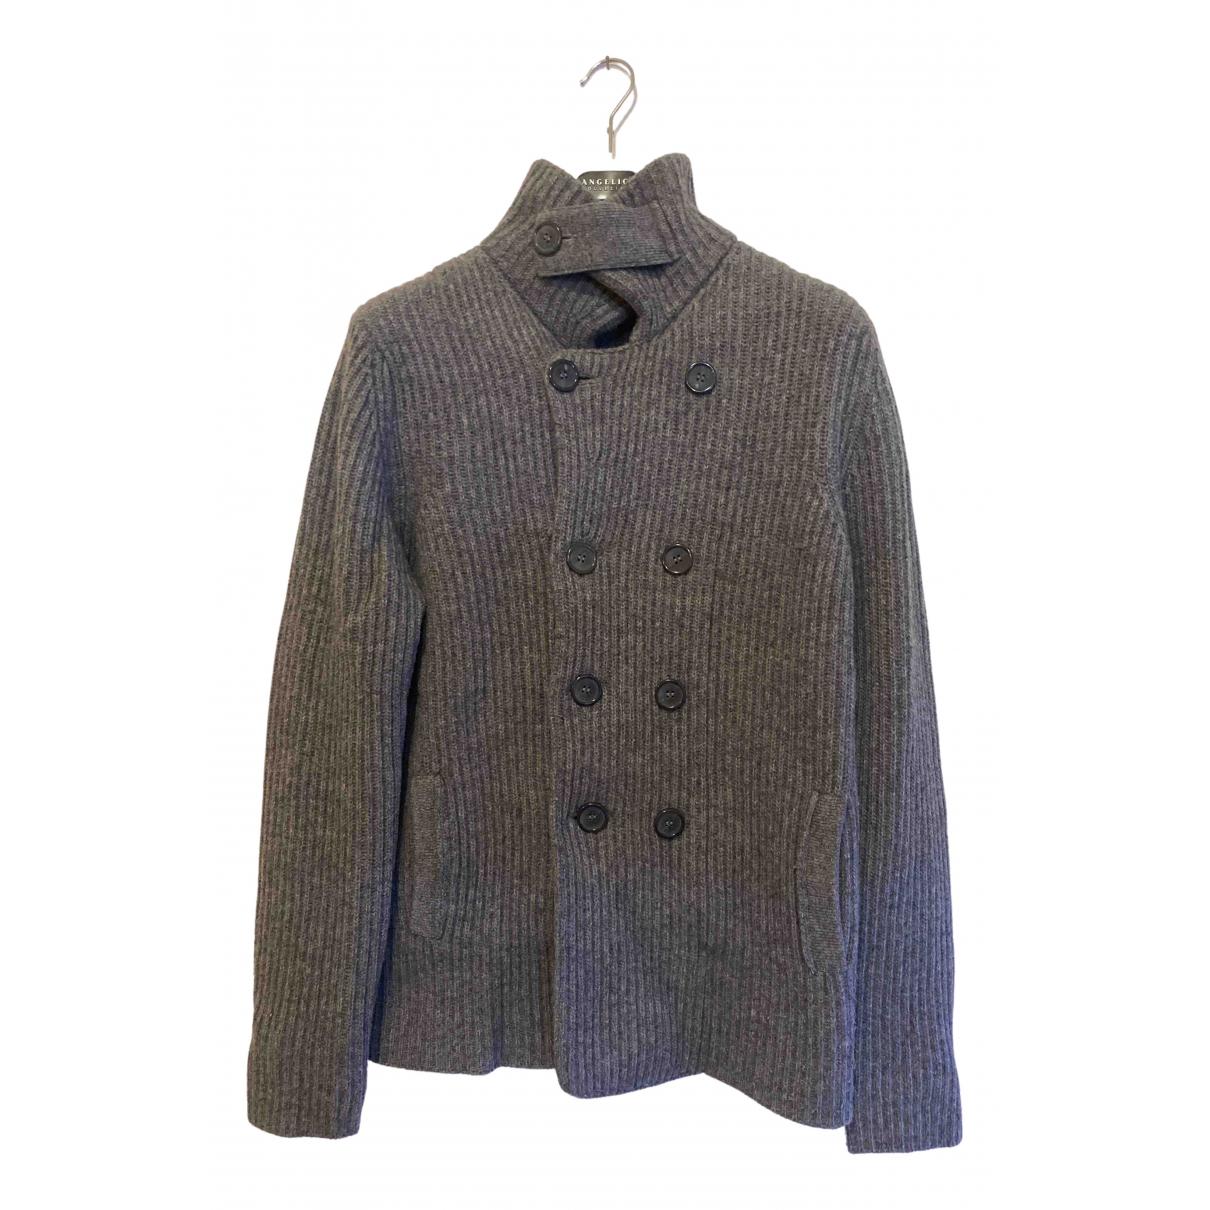 Stefanel \N Jacke in  Grau Wolle